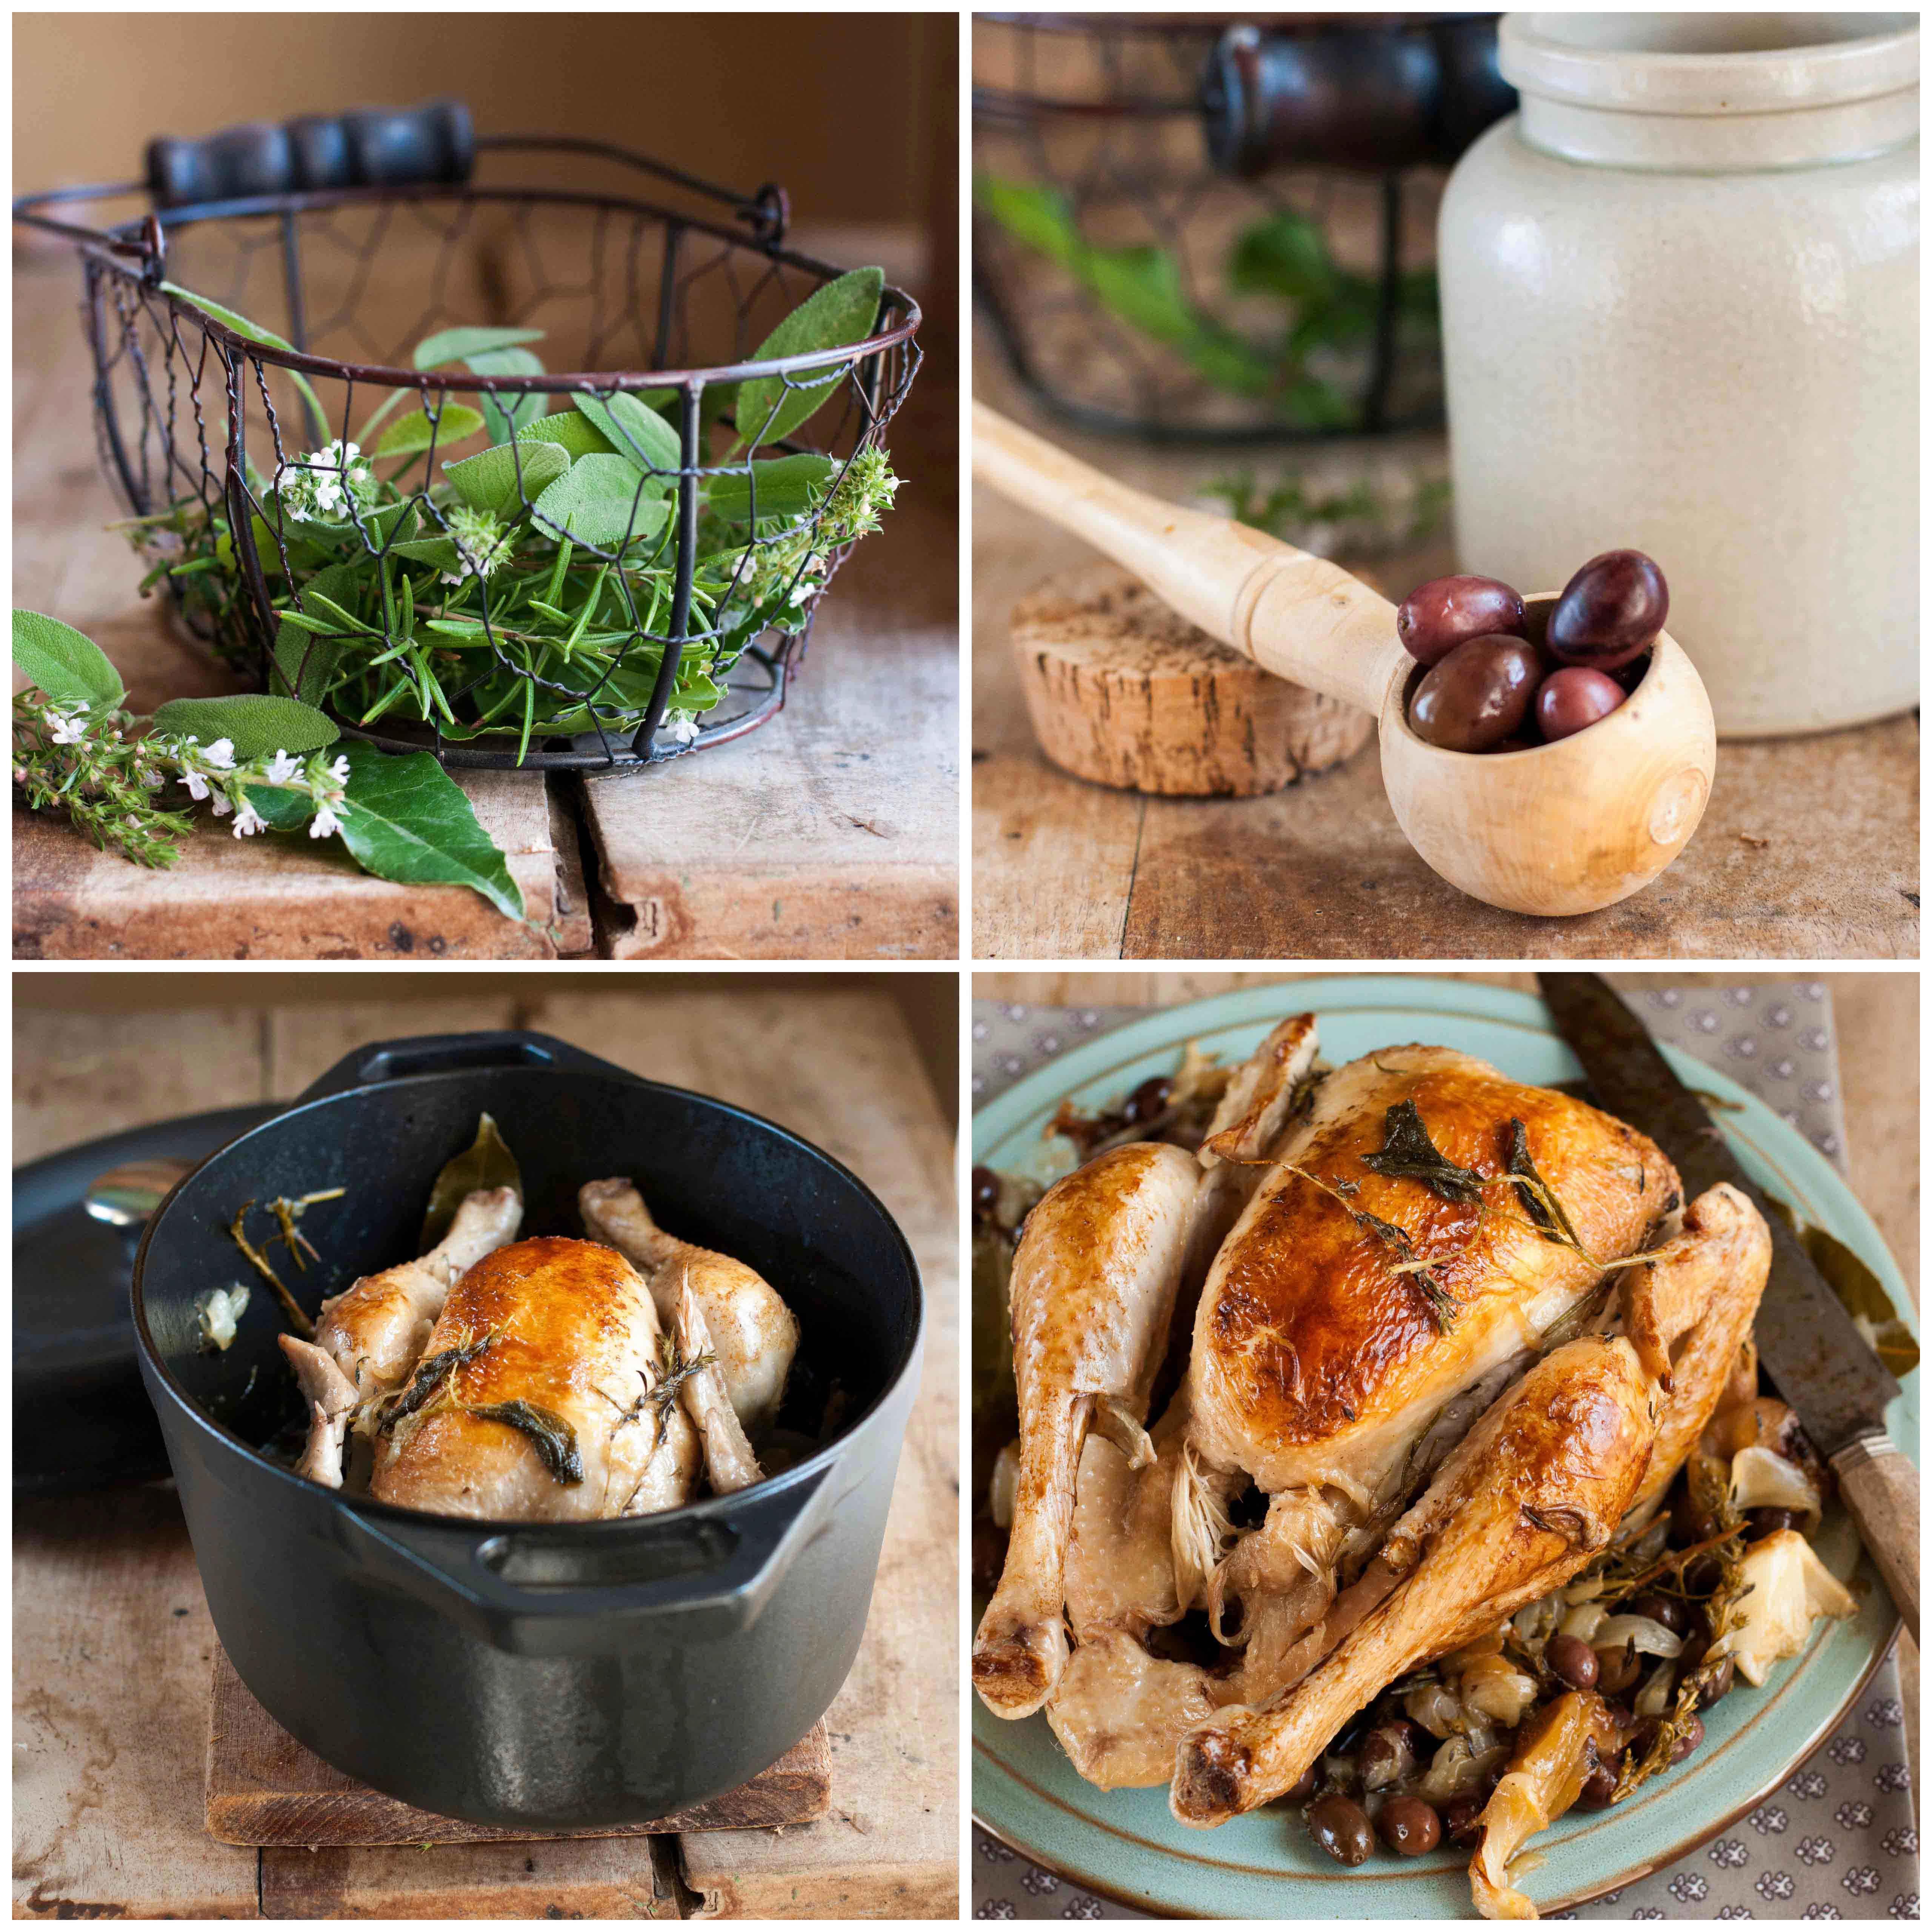 25 poulet (montage)-2-2